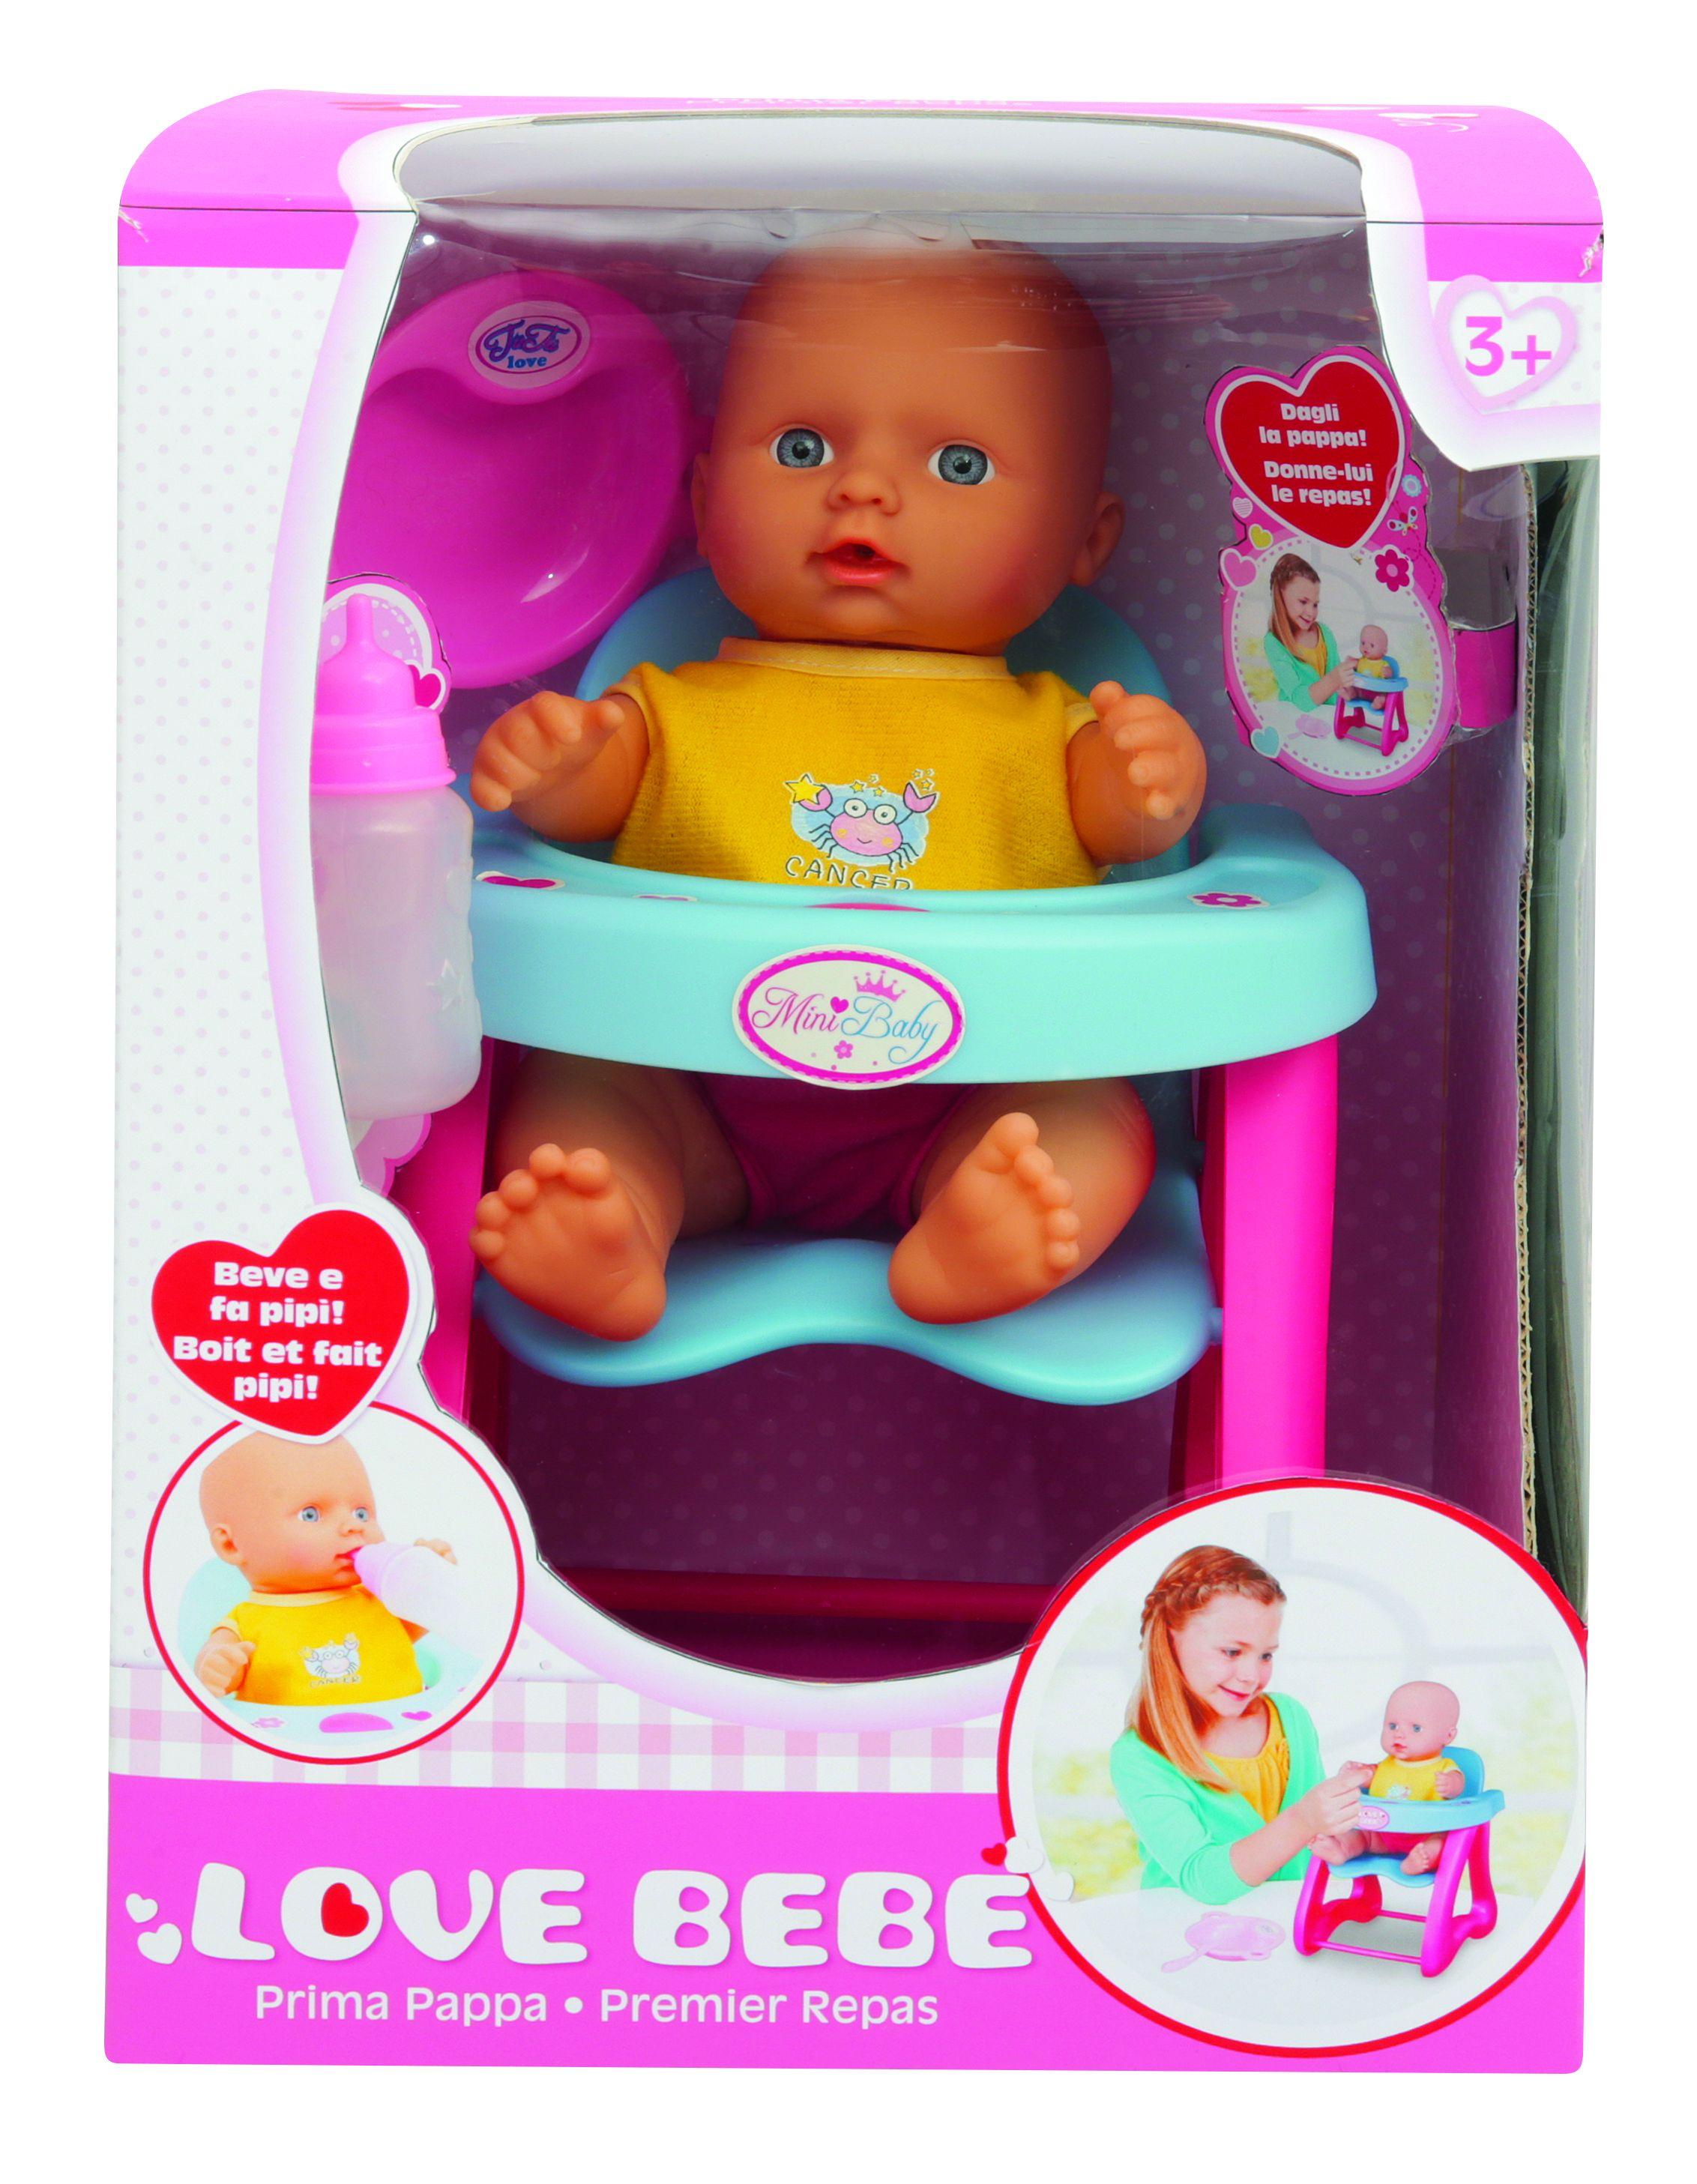 Love bebè bebé prima pappa - LOVE BEBÈ